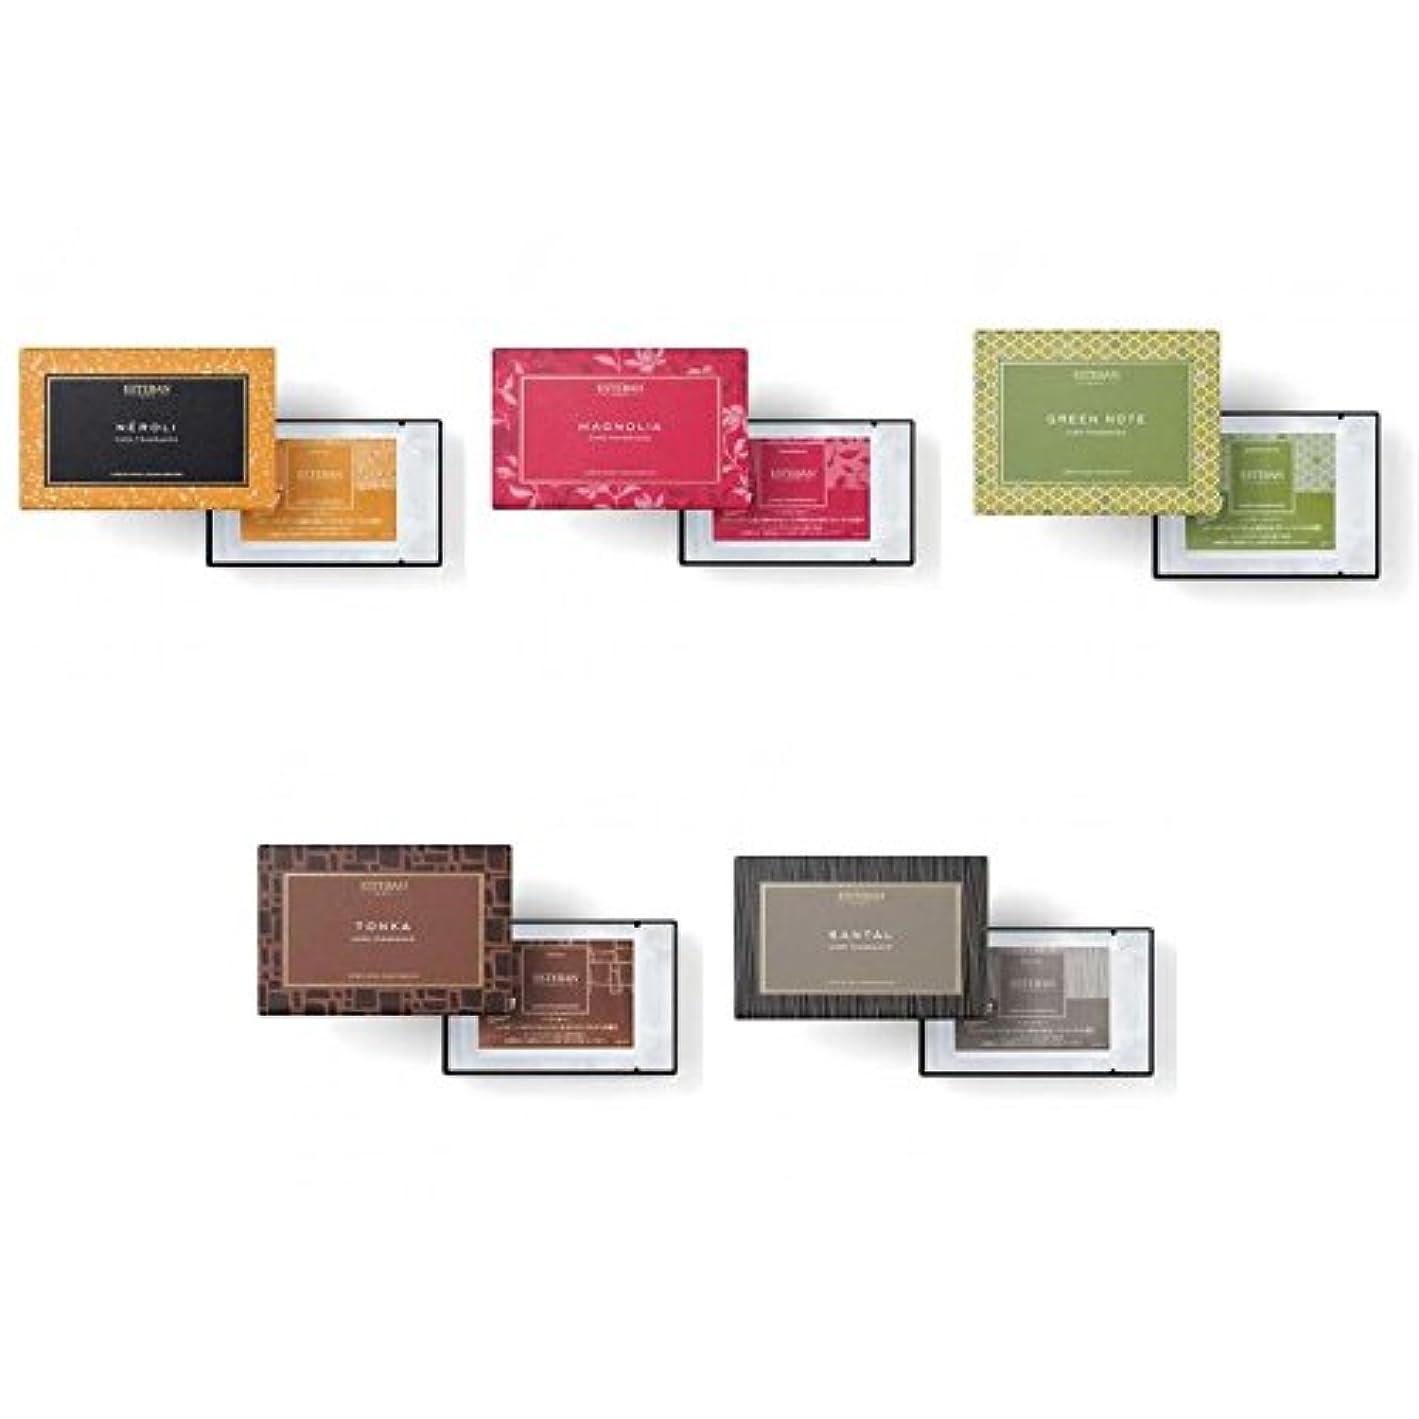 受け入れる侵入する受け入れるエステバン カードフレグランス 5種セット